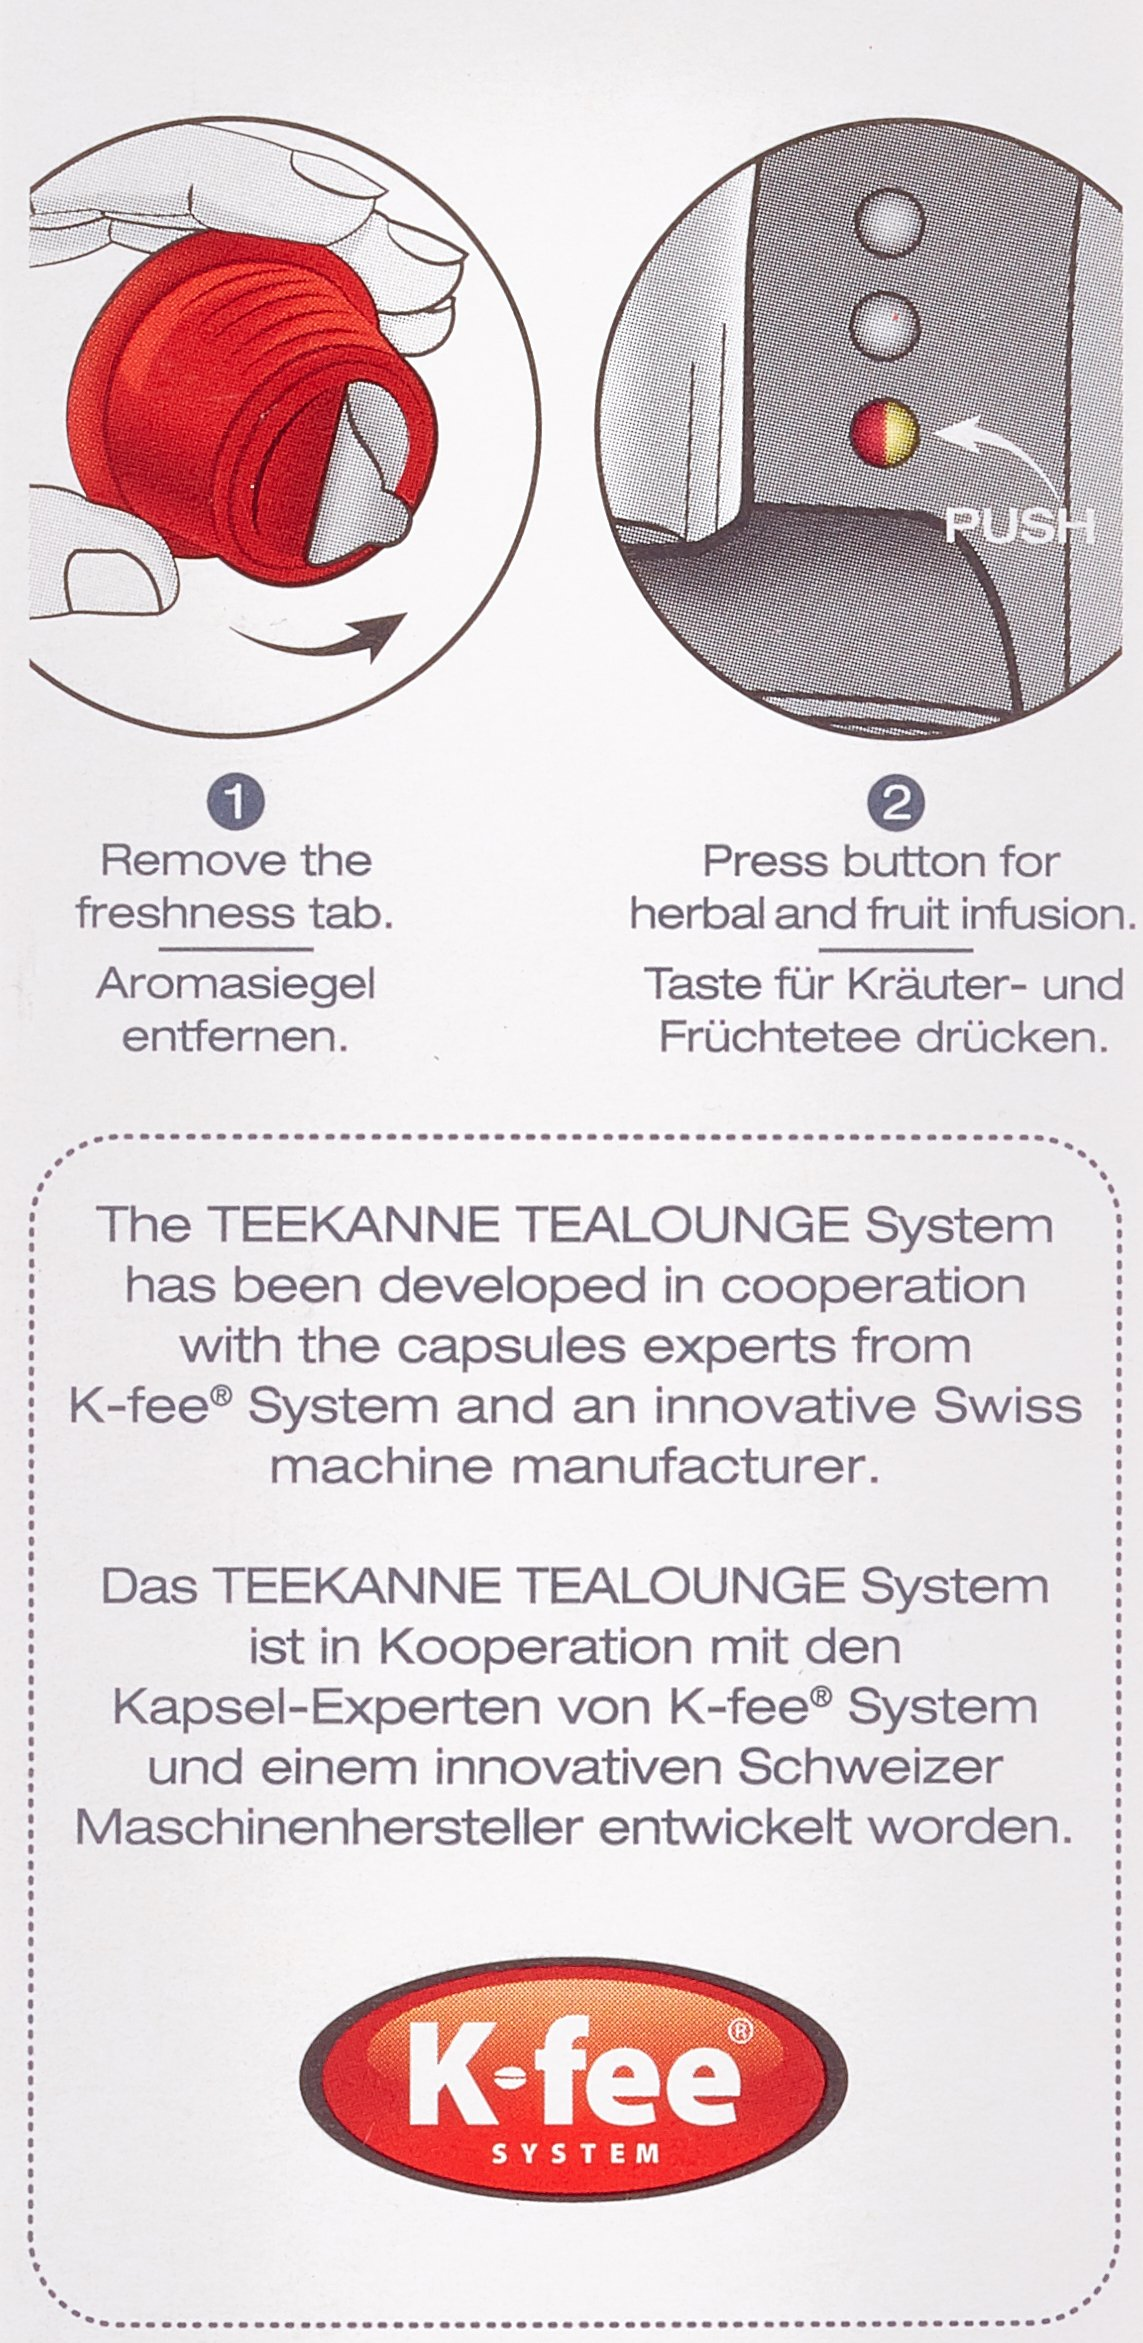 Teekanne-Tealounge-Kapseln-Frchtetee-Sortiment-mit-4-Sorten-32-Kapseln